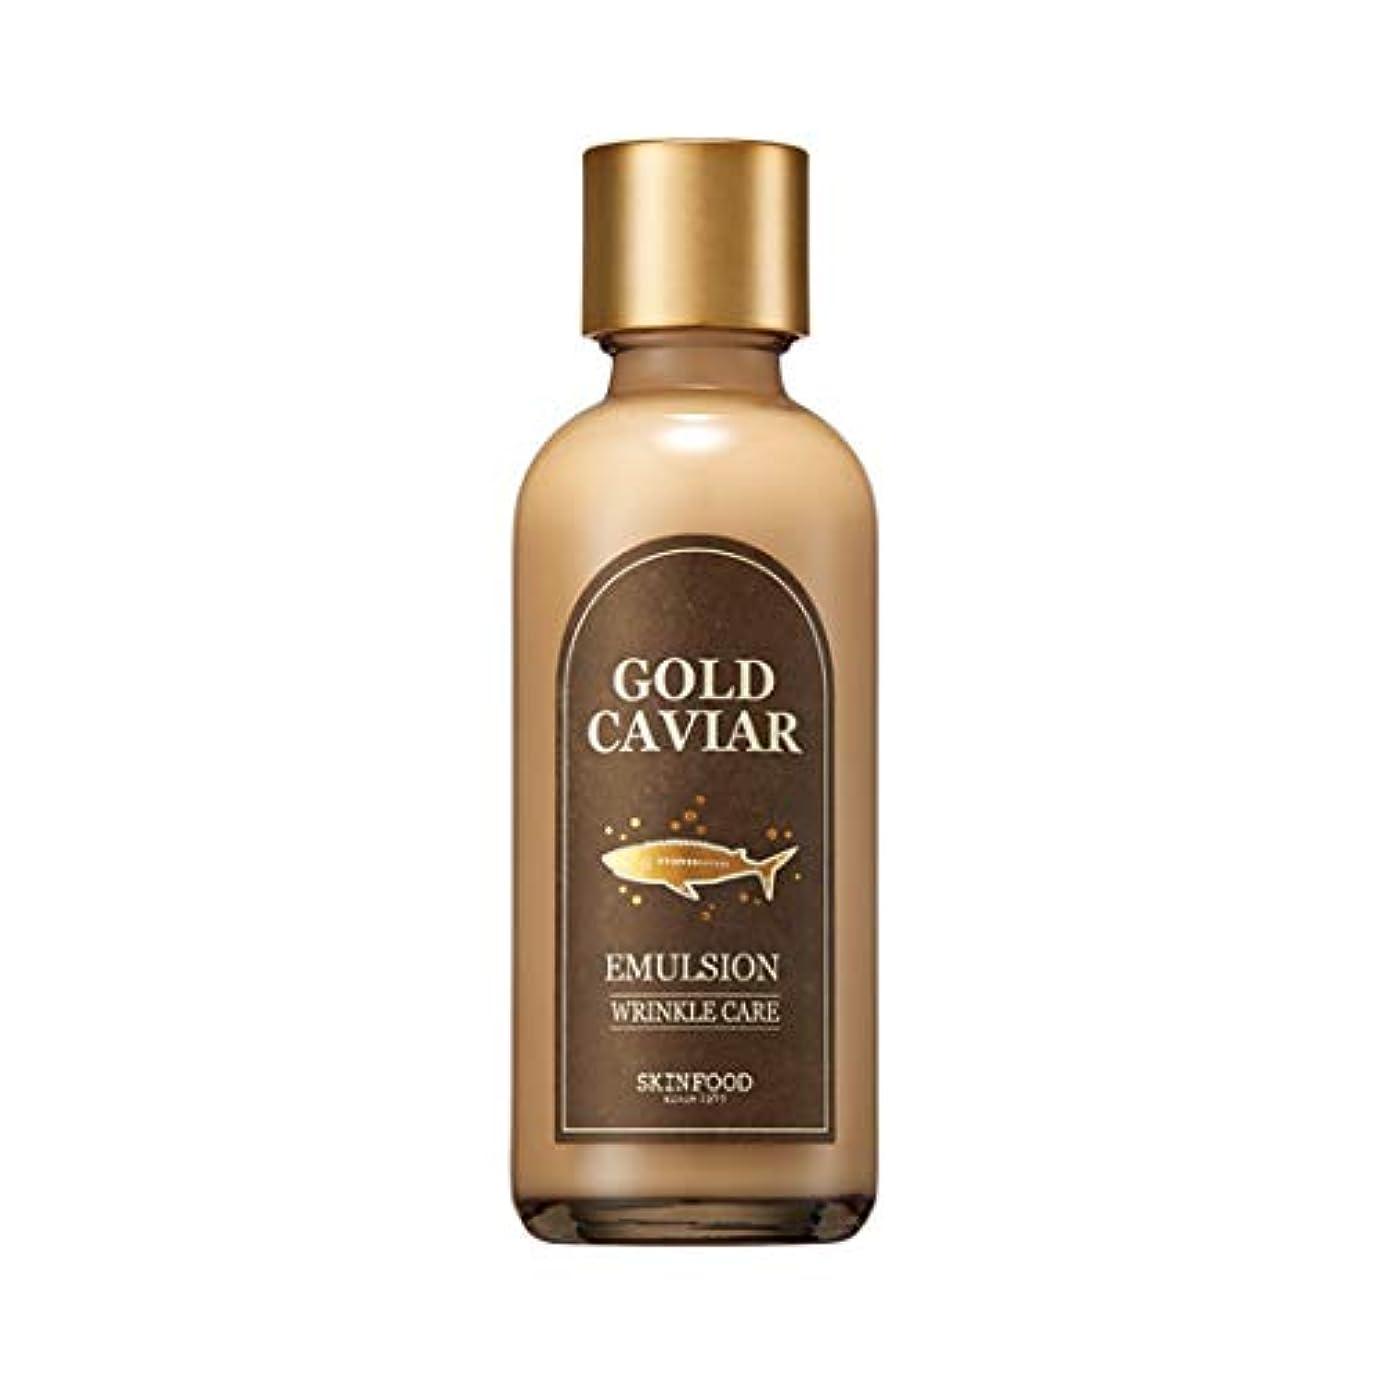 再発する宇宙飛行士スティックSkinfood ゴールドキャビアエマルジョン(しわケア用化粧品) / Gold Caviar Emulsion (Cosmeceutical for wrinkle care) 160ml [並行輸入品]